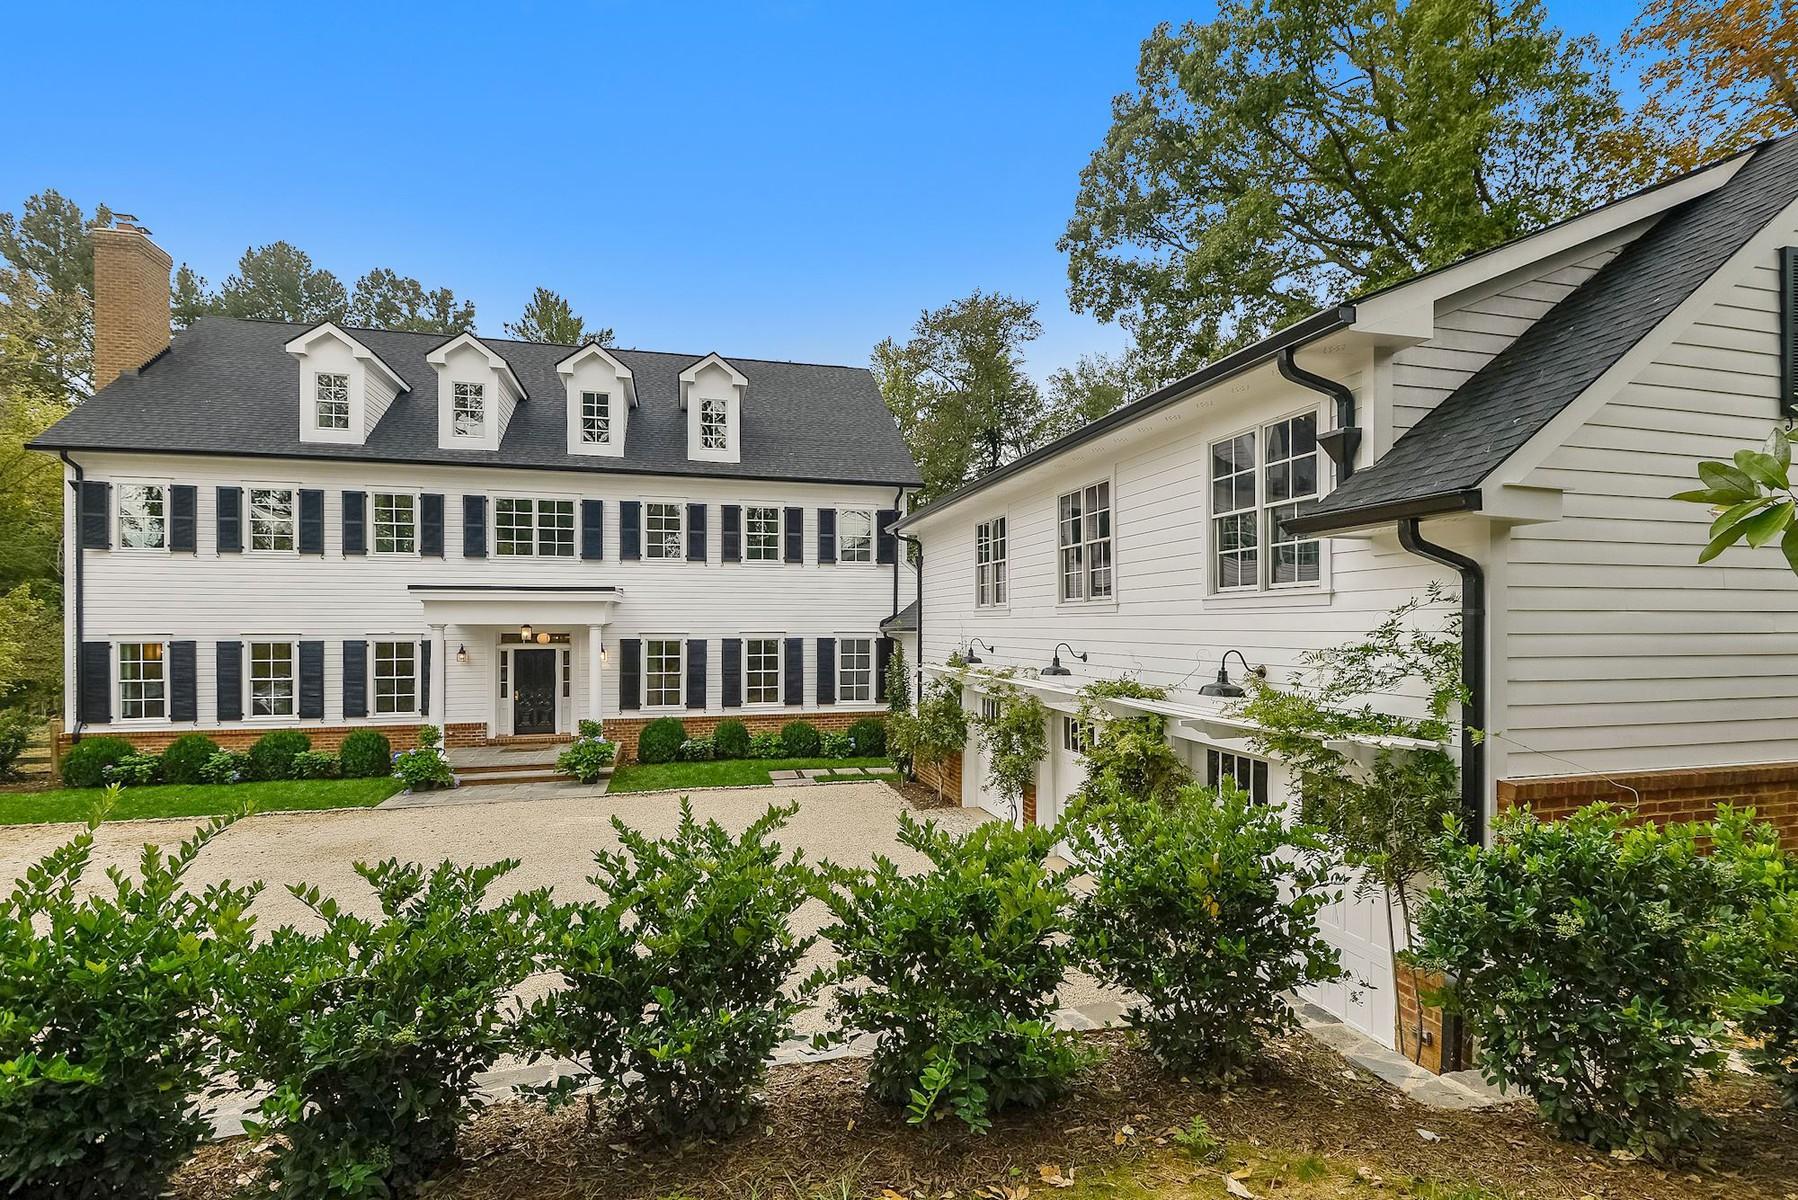 Maison unifamiliale pour l Vente à 6349 Georgetown Pike, Mclean McLean, Virginia, 22101 États-Unis